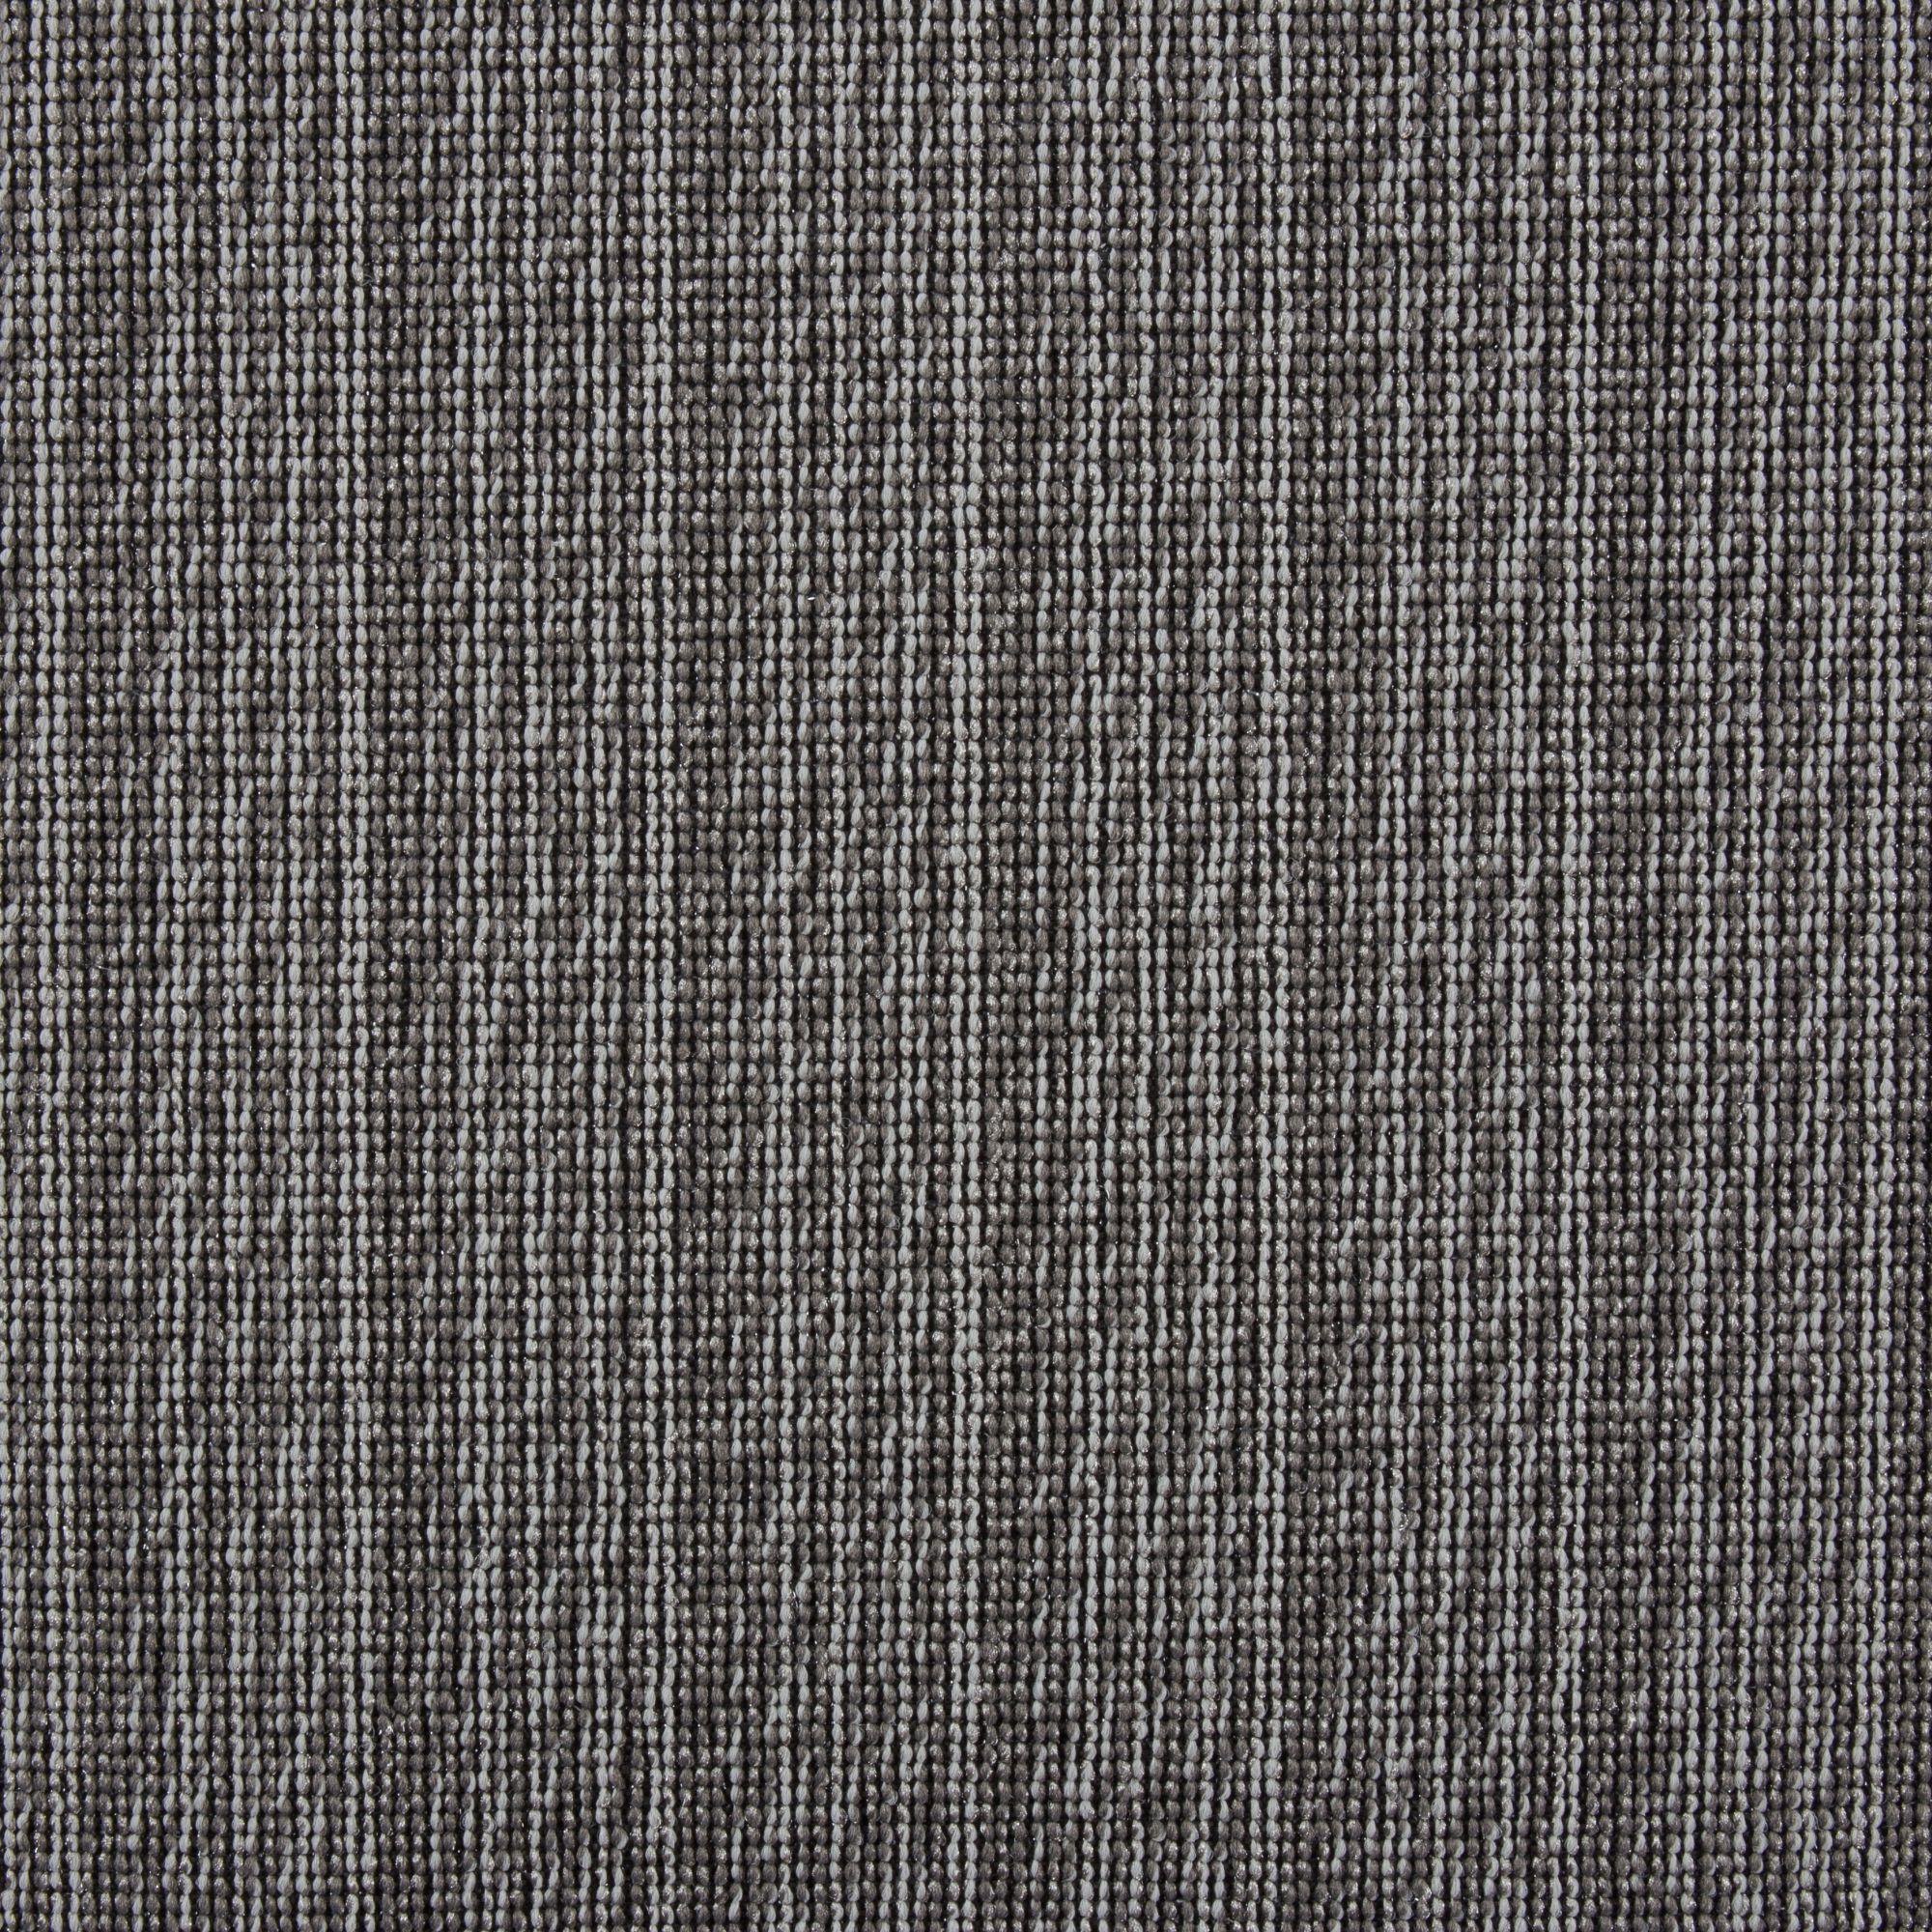 Durable (1074-E0905)